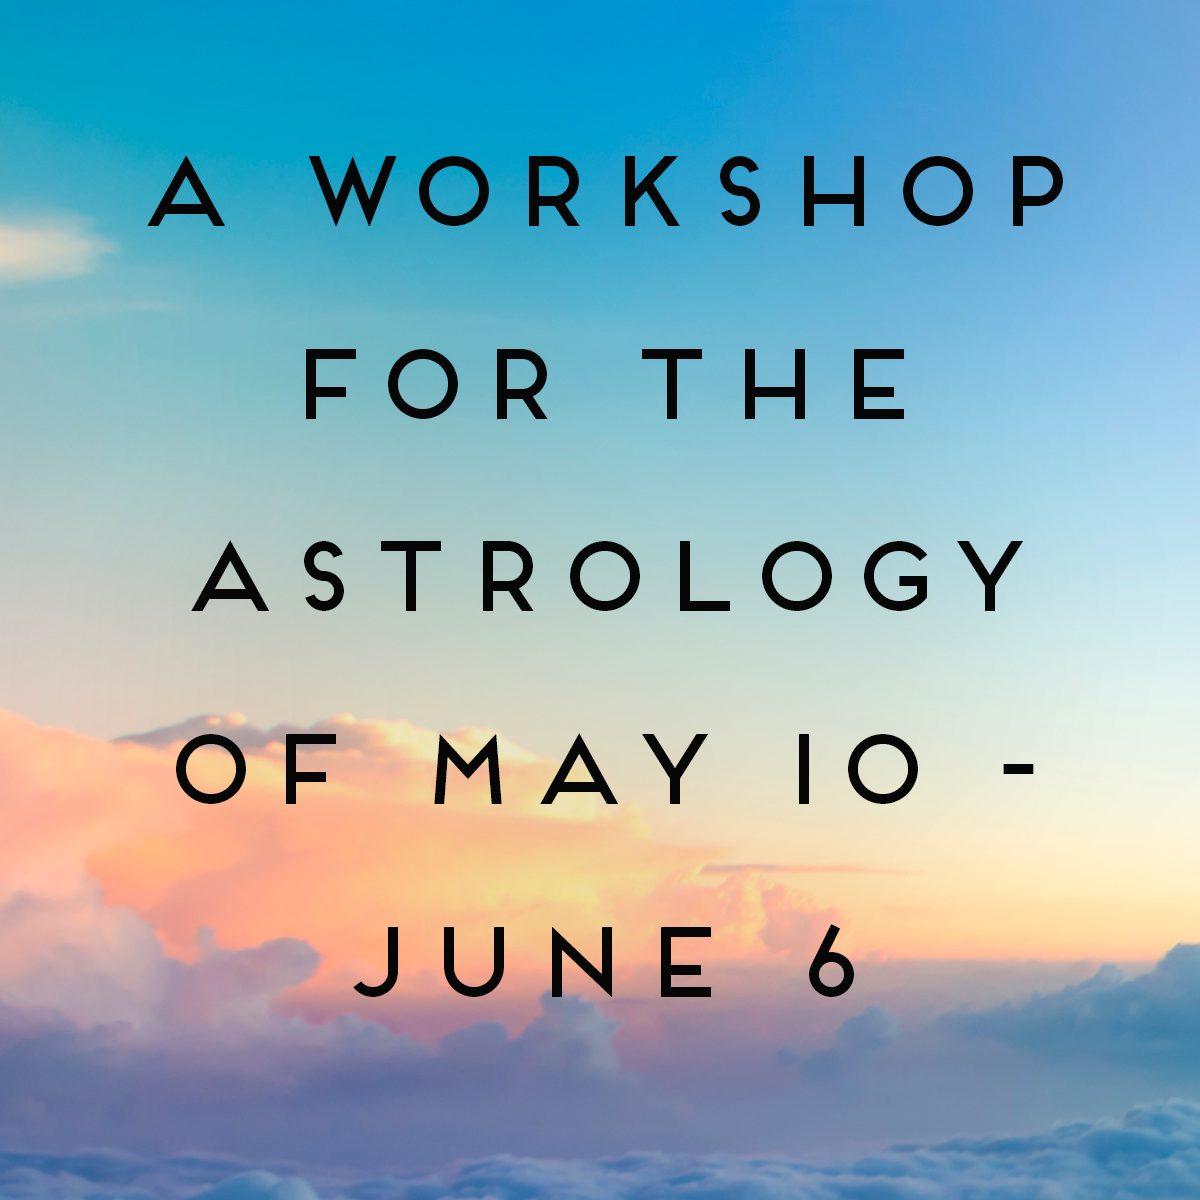 May 10- June 6